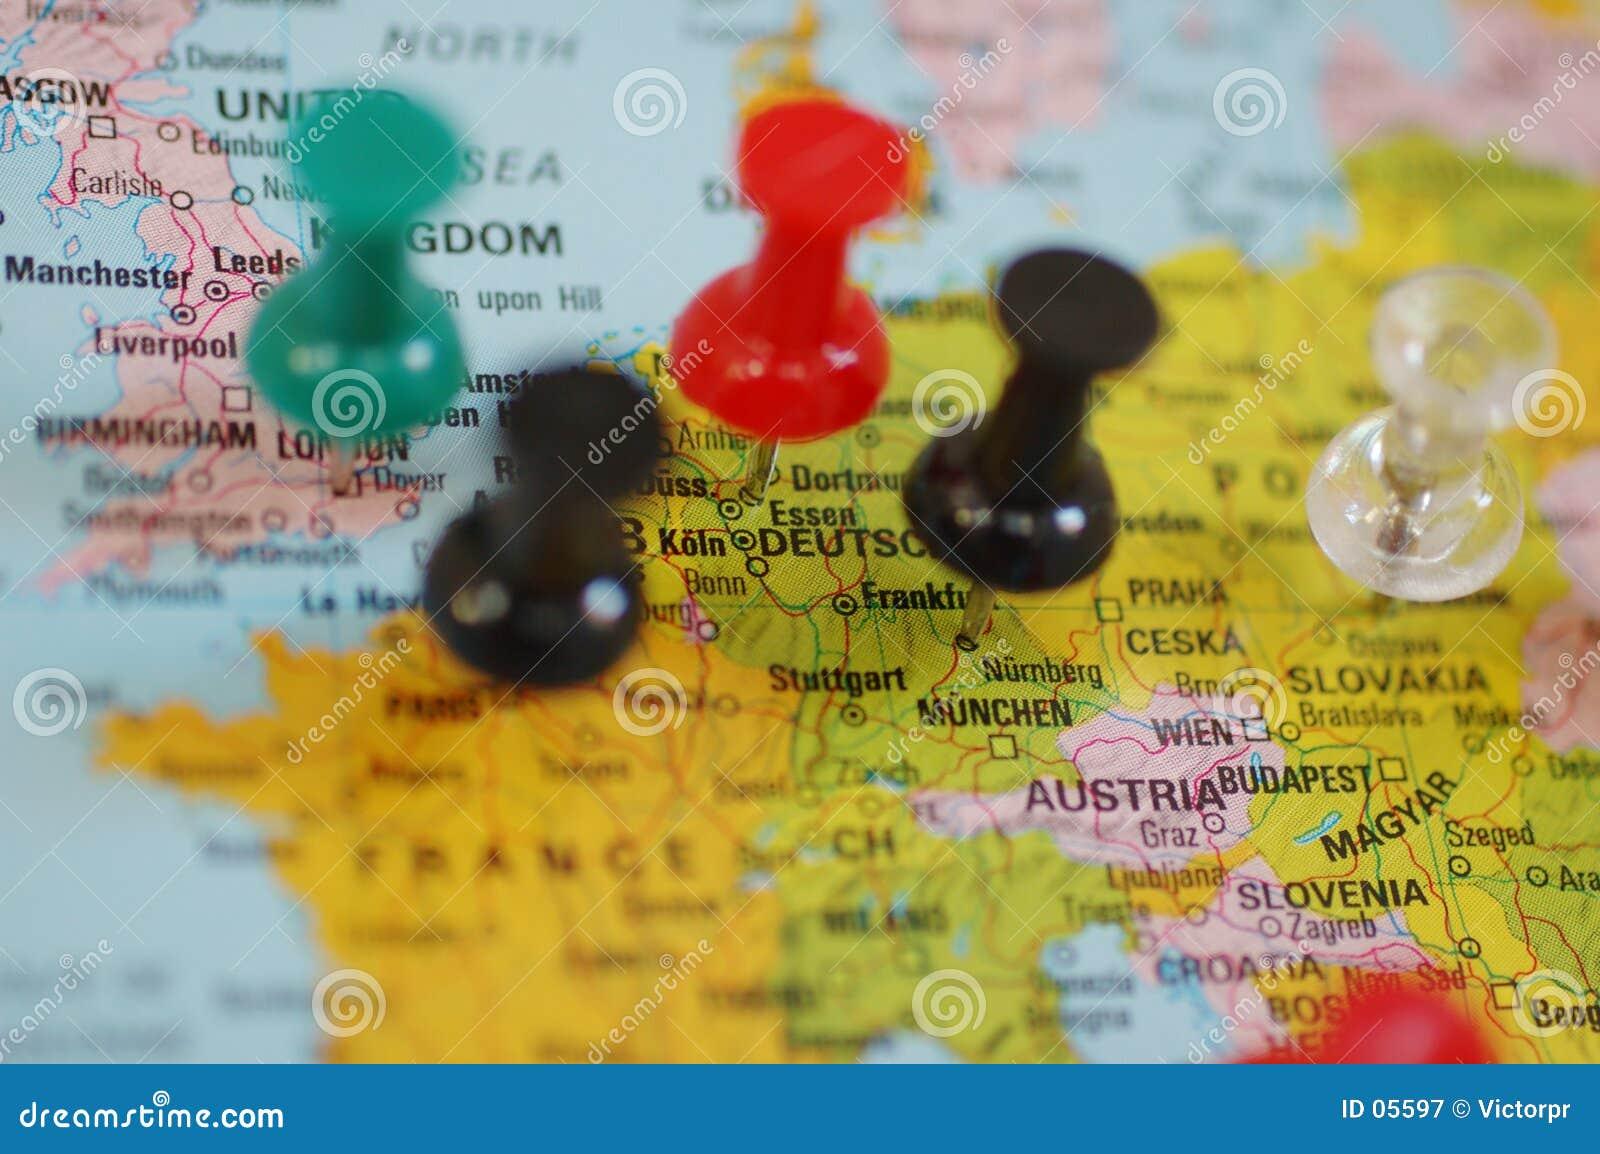 Europa auf Karte